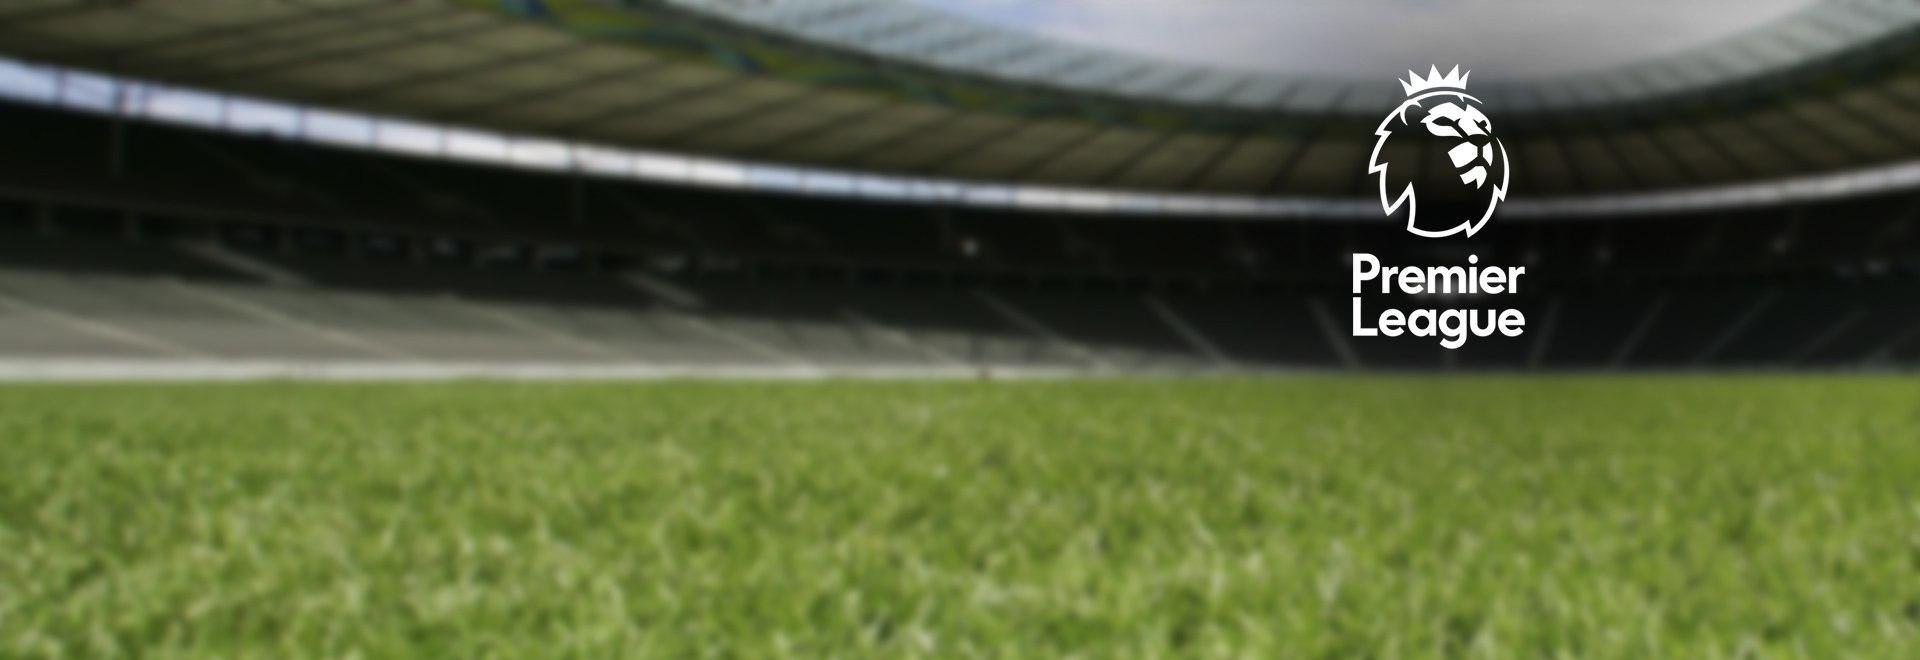 Aston Villa - Burnley. 13a g.